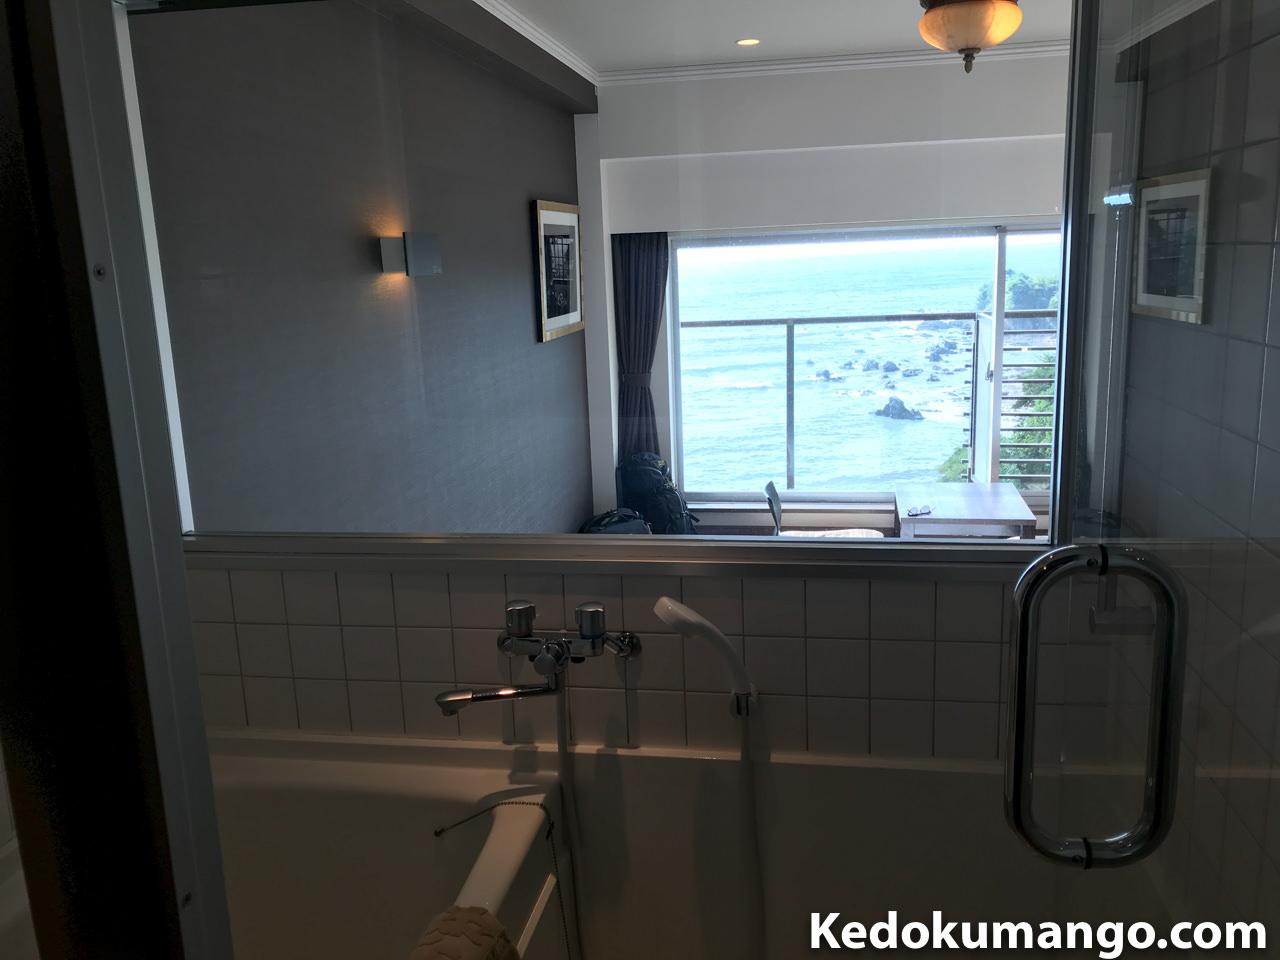 内風呂から見える外の風景